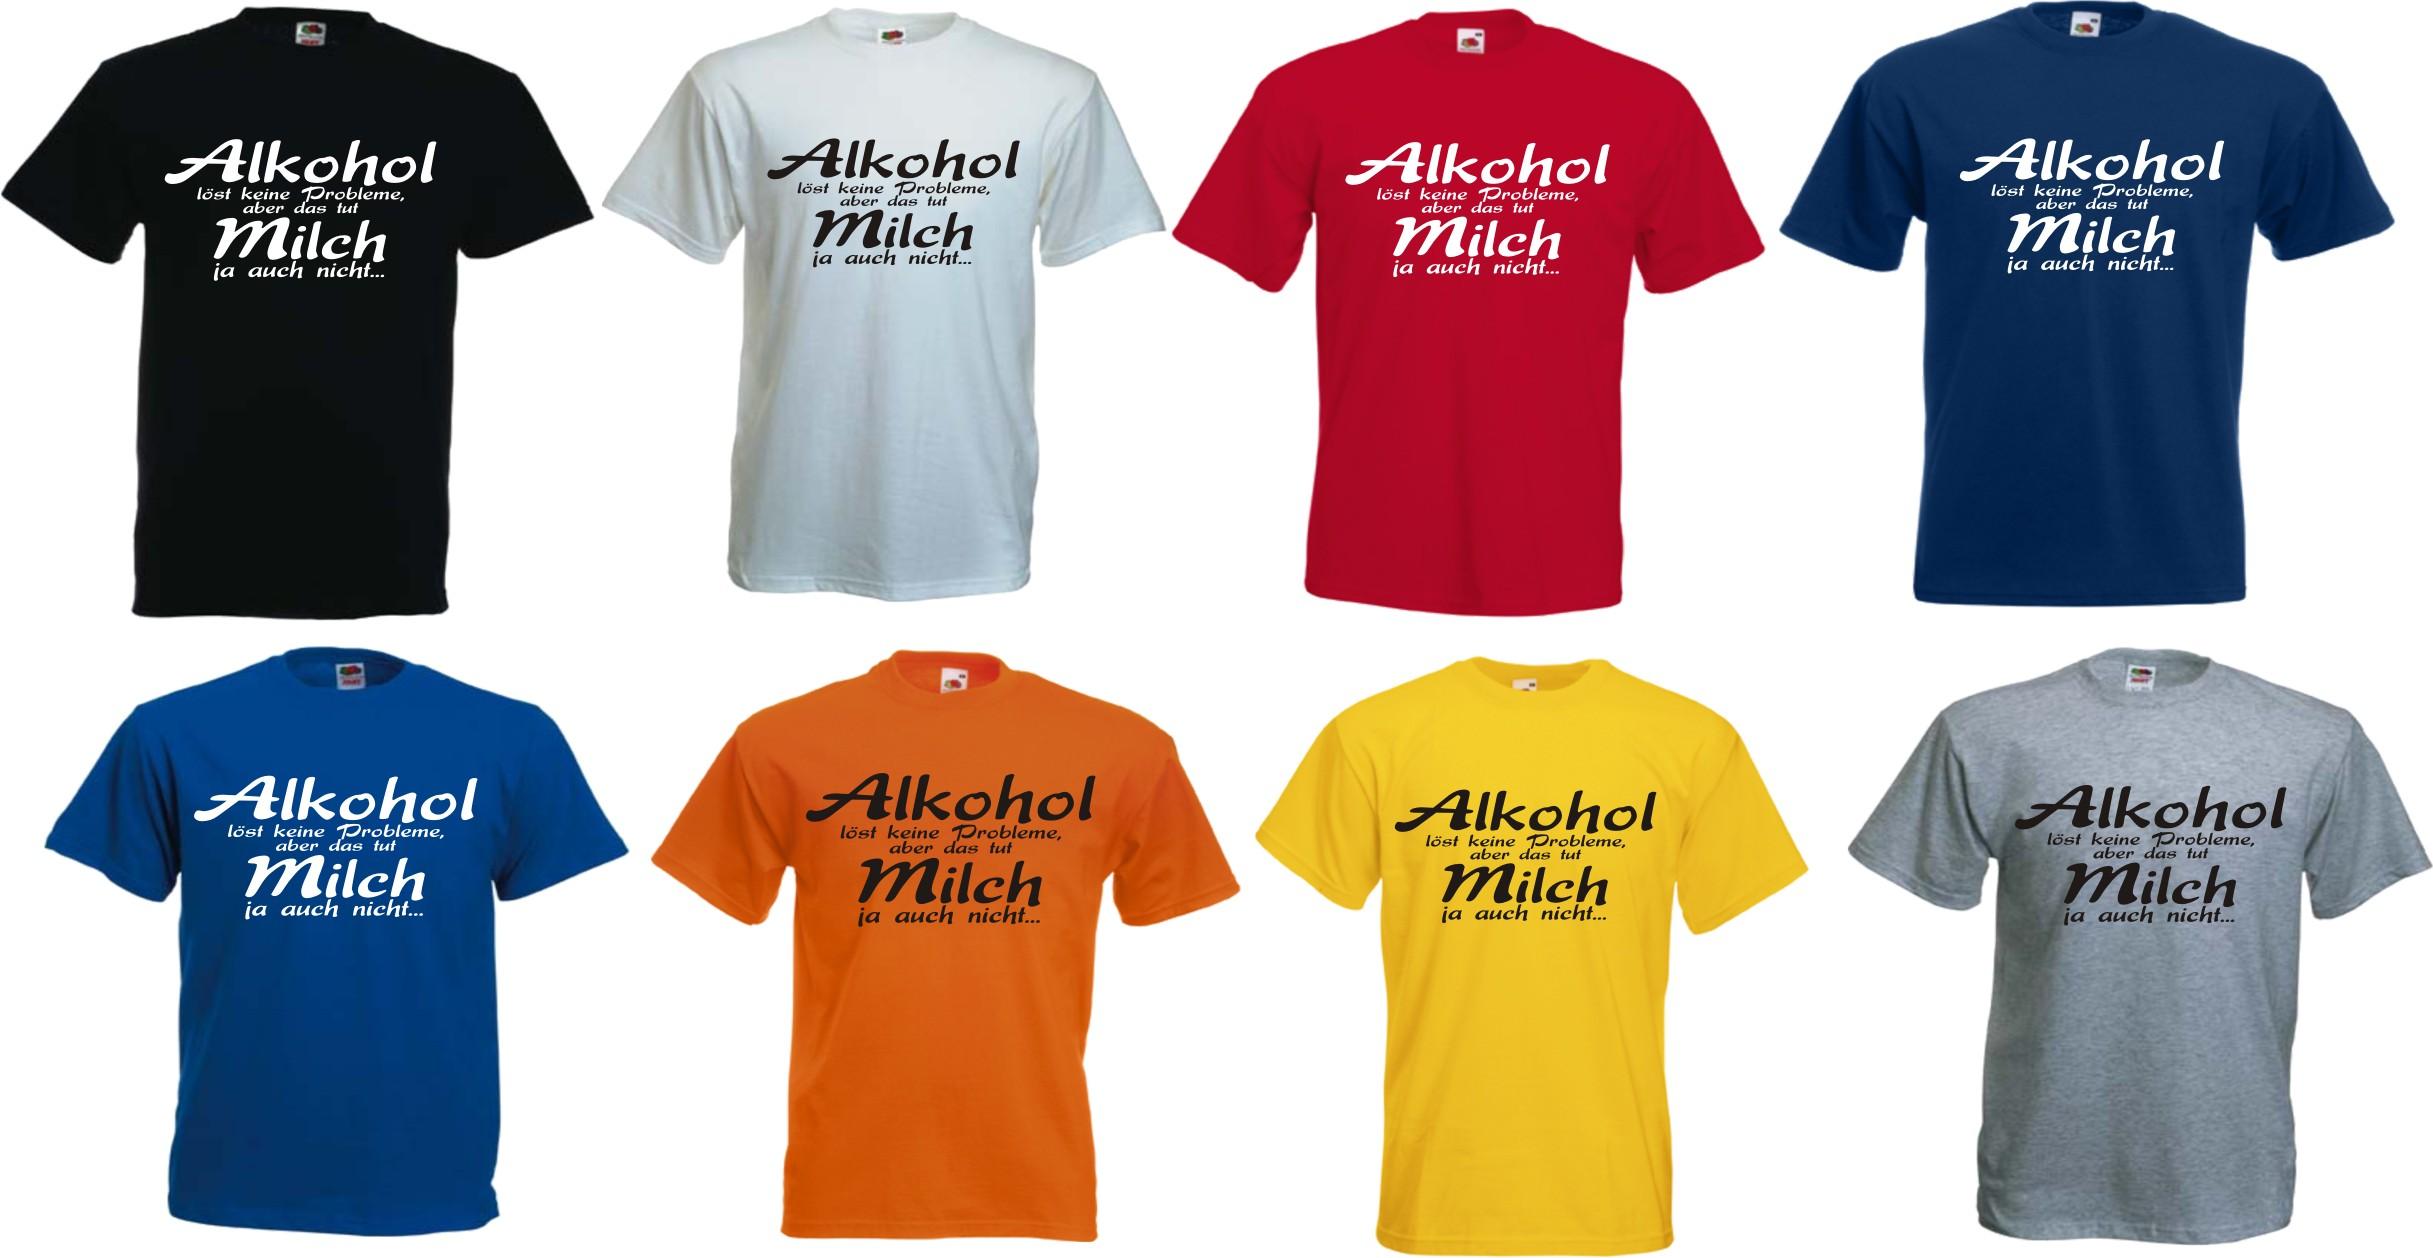 Alkohol_milch_alle_farben.jpg